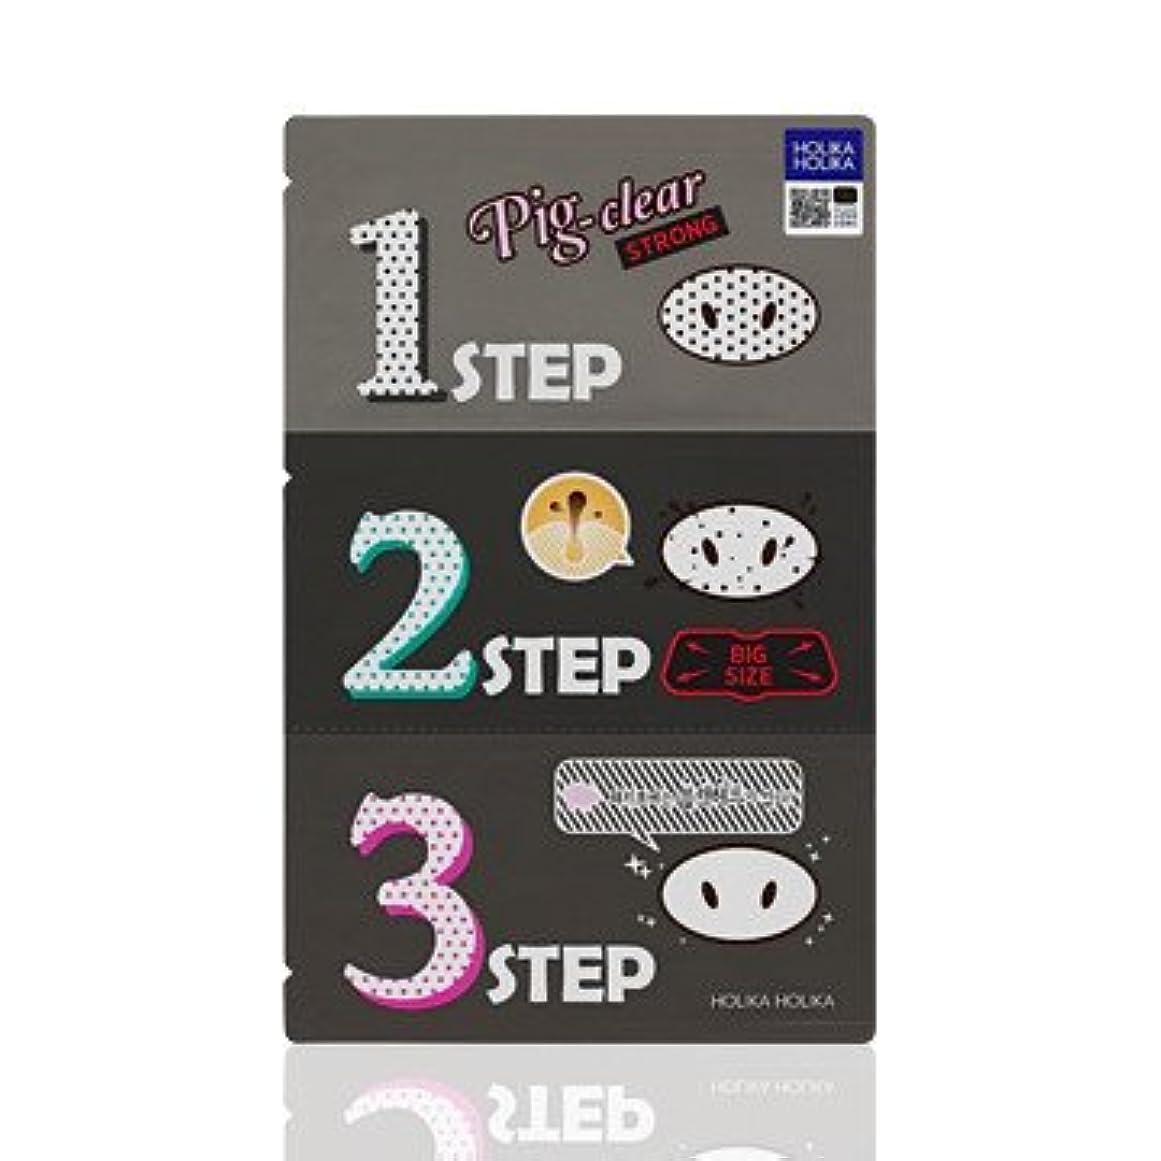 鯨クリーナー幸運Holika Holika Pig Nose Clear Black Head 3-Step Kit 3EA